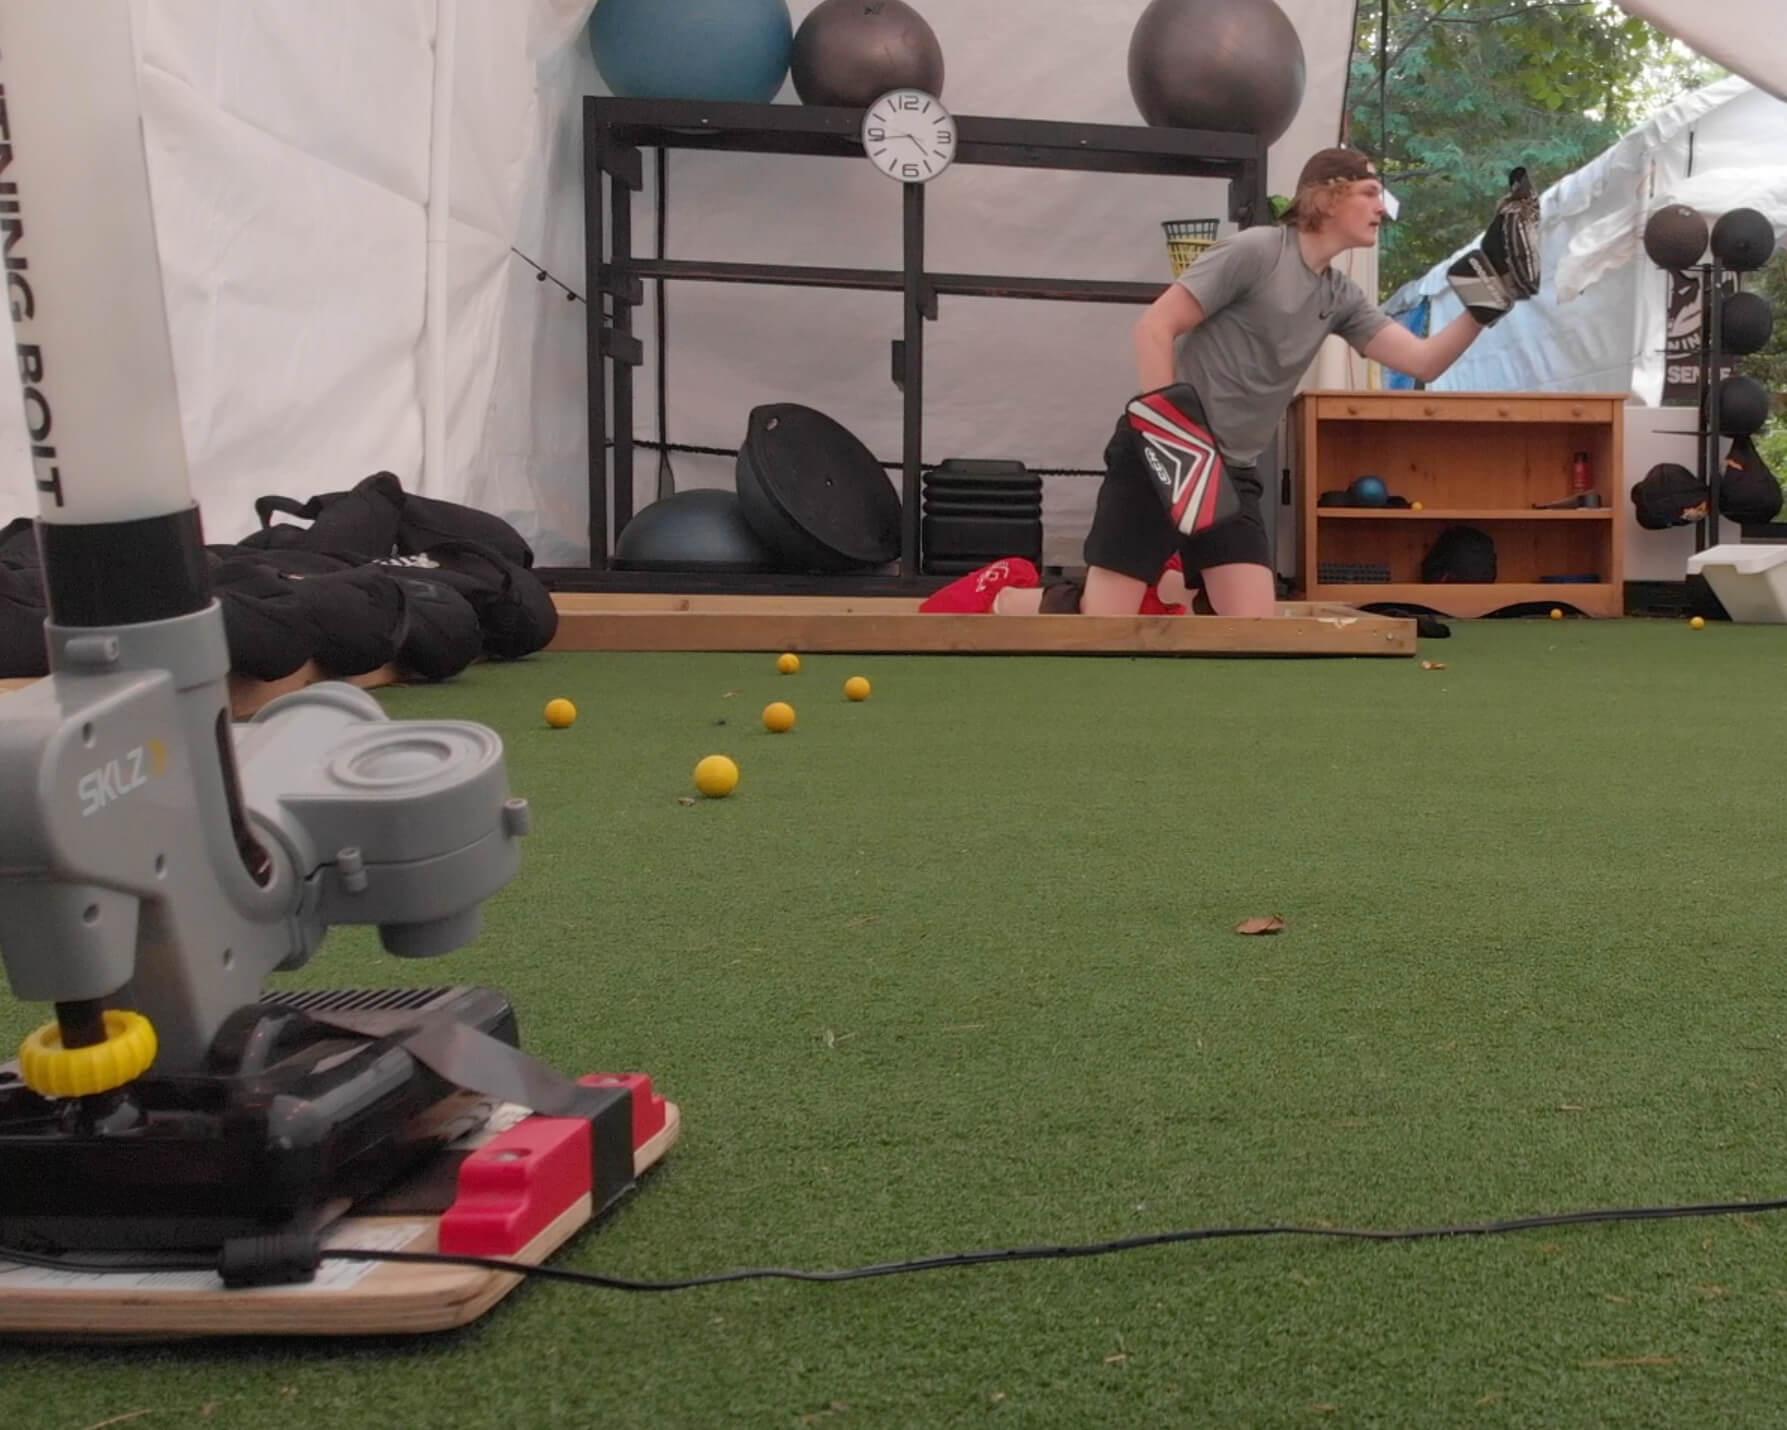 an image of a reaction goalie shooting machine an a goalie making a glove hand catch